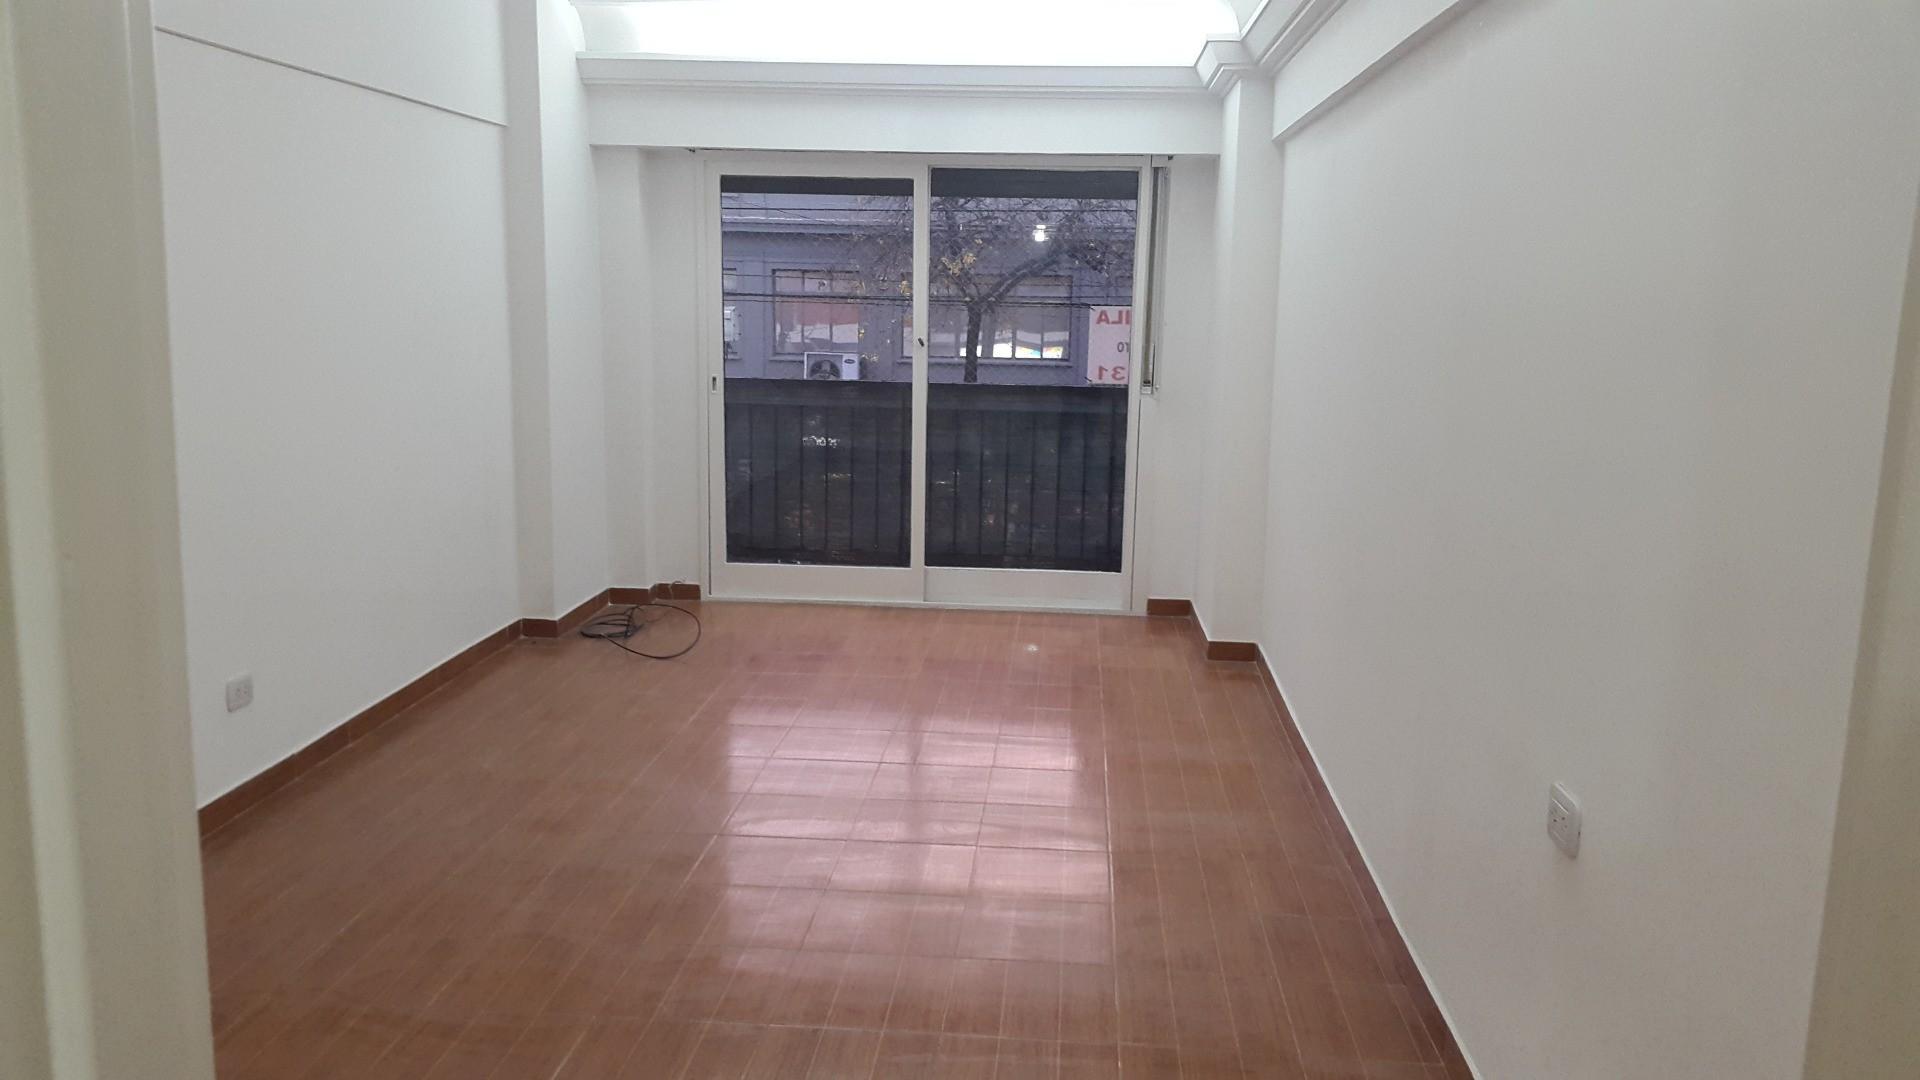 Alquiler 4 amb ,frente,c/patio,c/balcon corredizo, c/lav.c/baulera